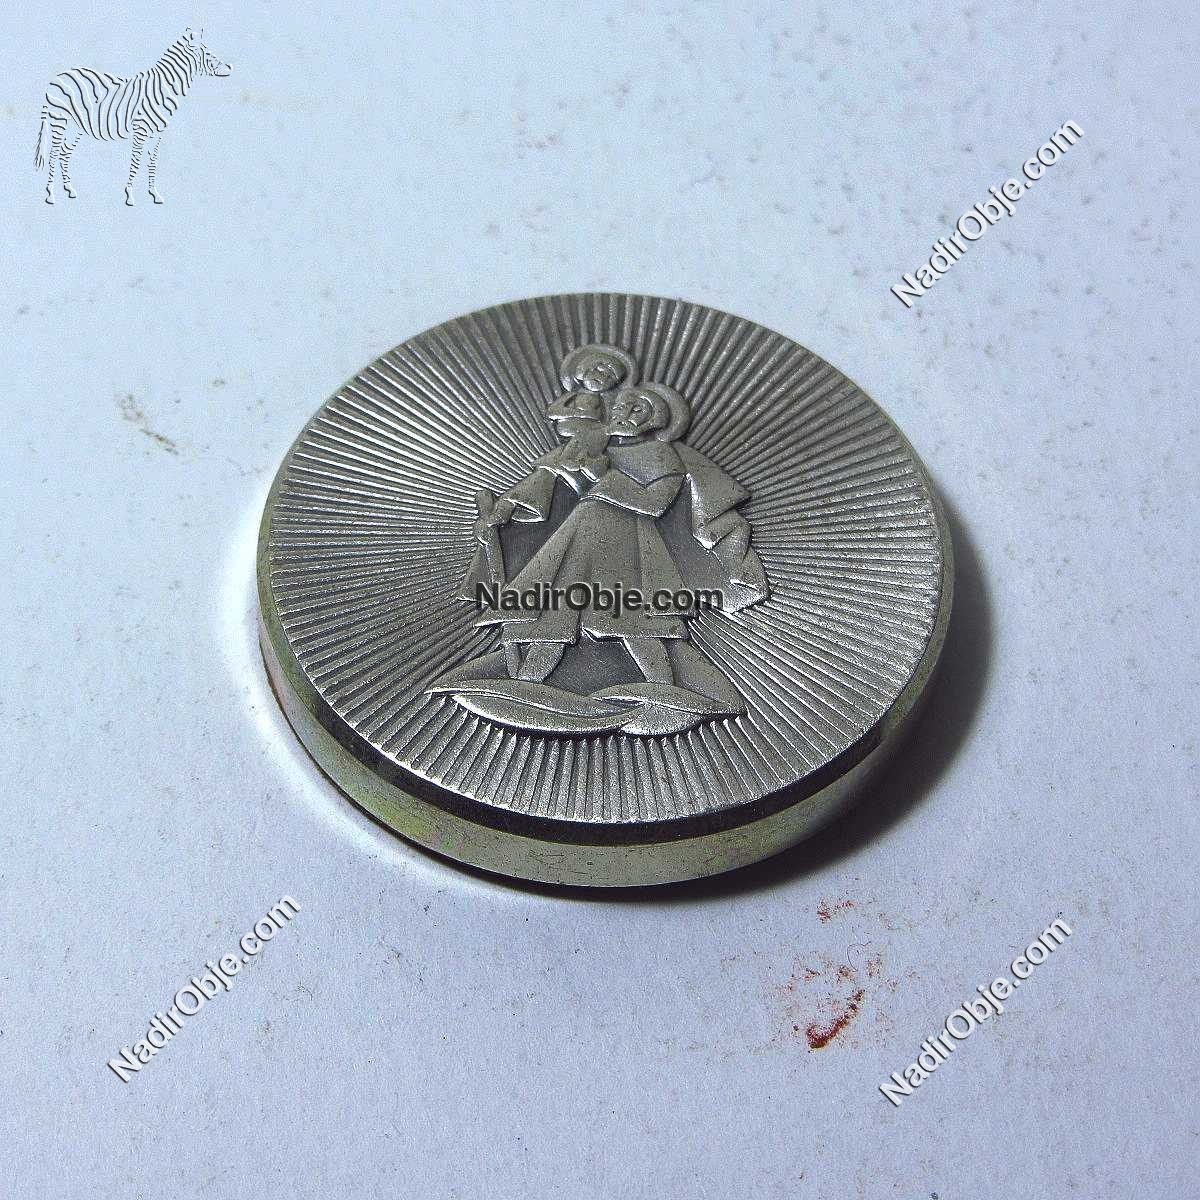 Mıknatıslı Metal Madalya Diğer Objeler Nümizmatik